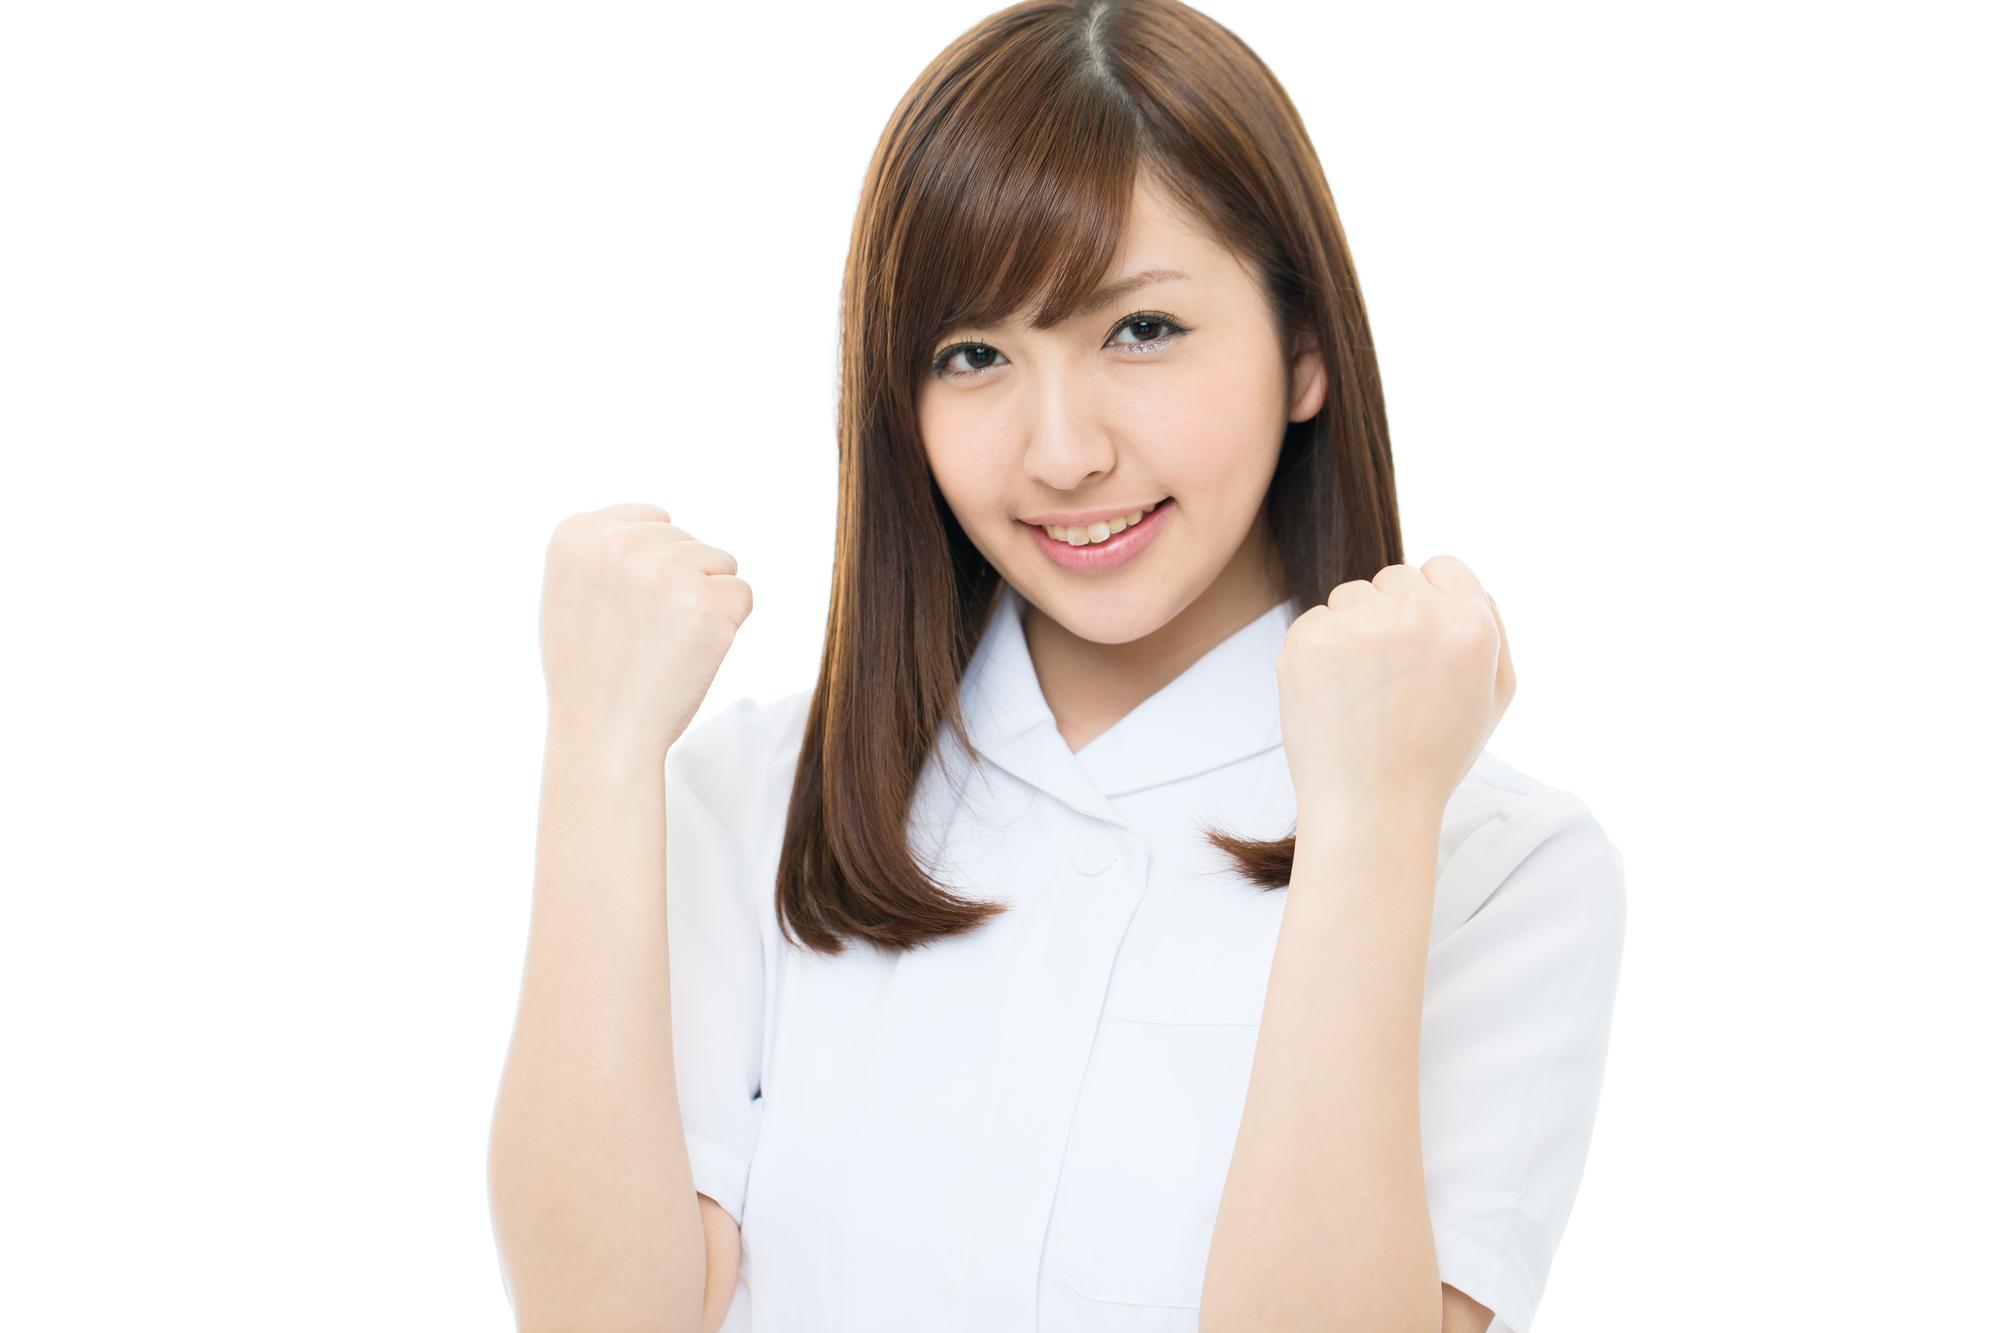 新たな恋を引き寄せる!看護師の女子力アップにおすすめの方法